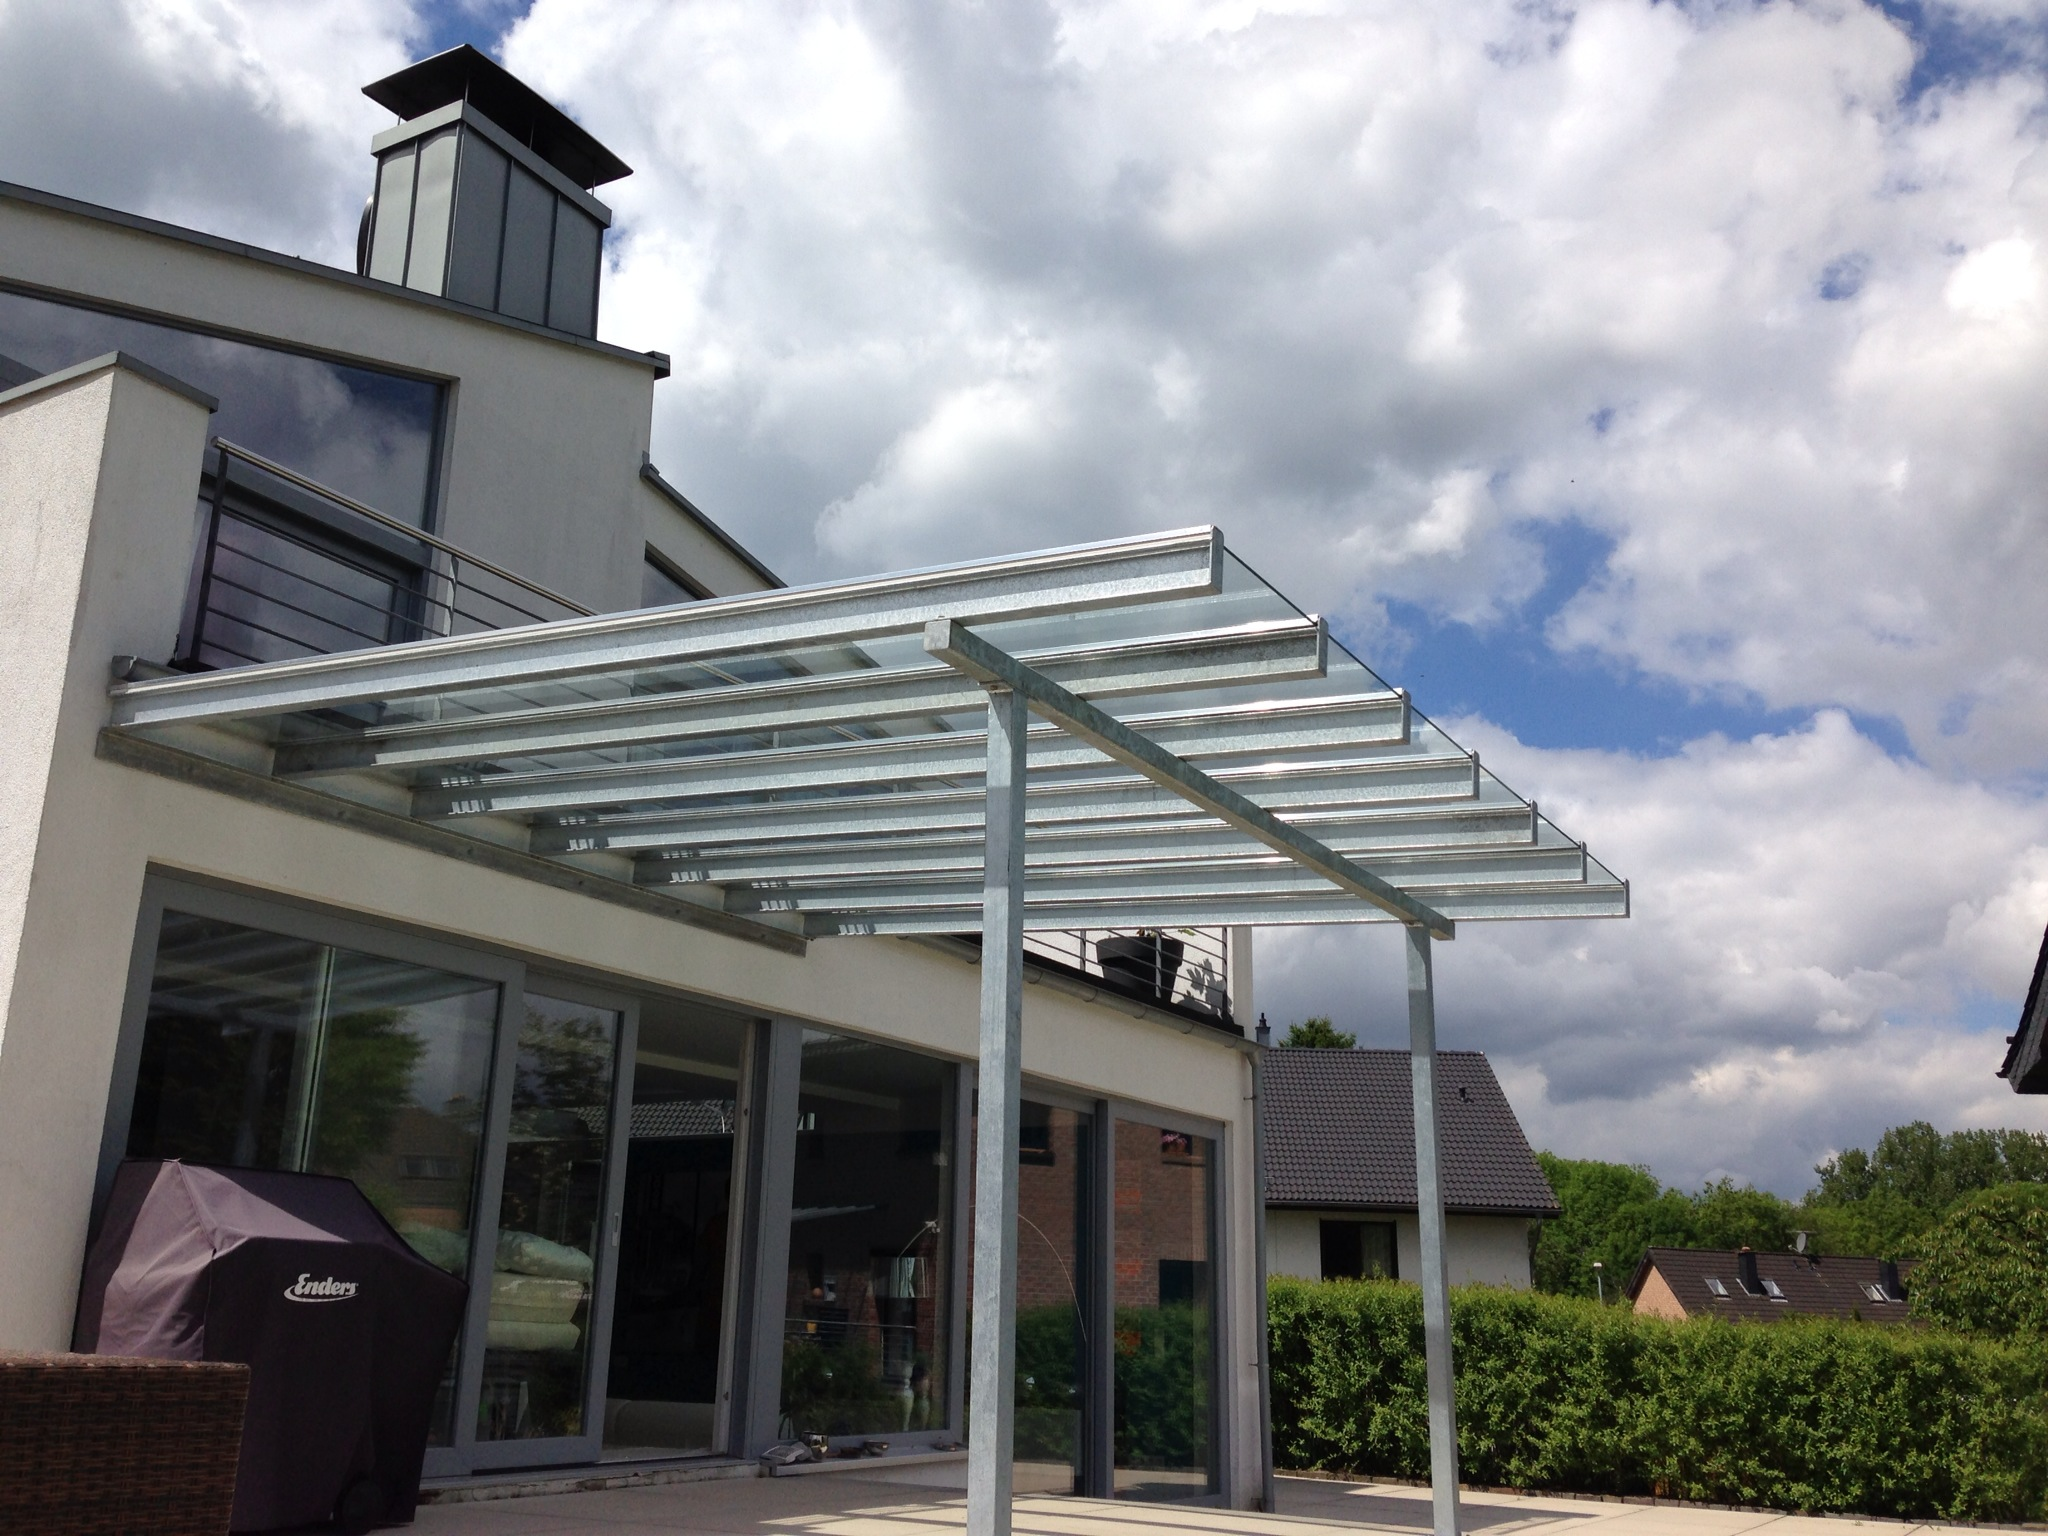 Luftiges Vordach für eine Terrasse, Stahlträgerkonstruktion